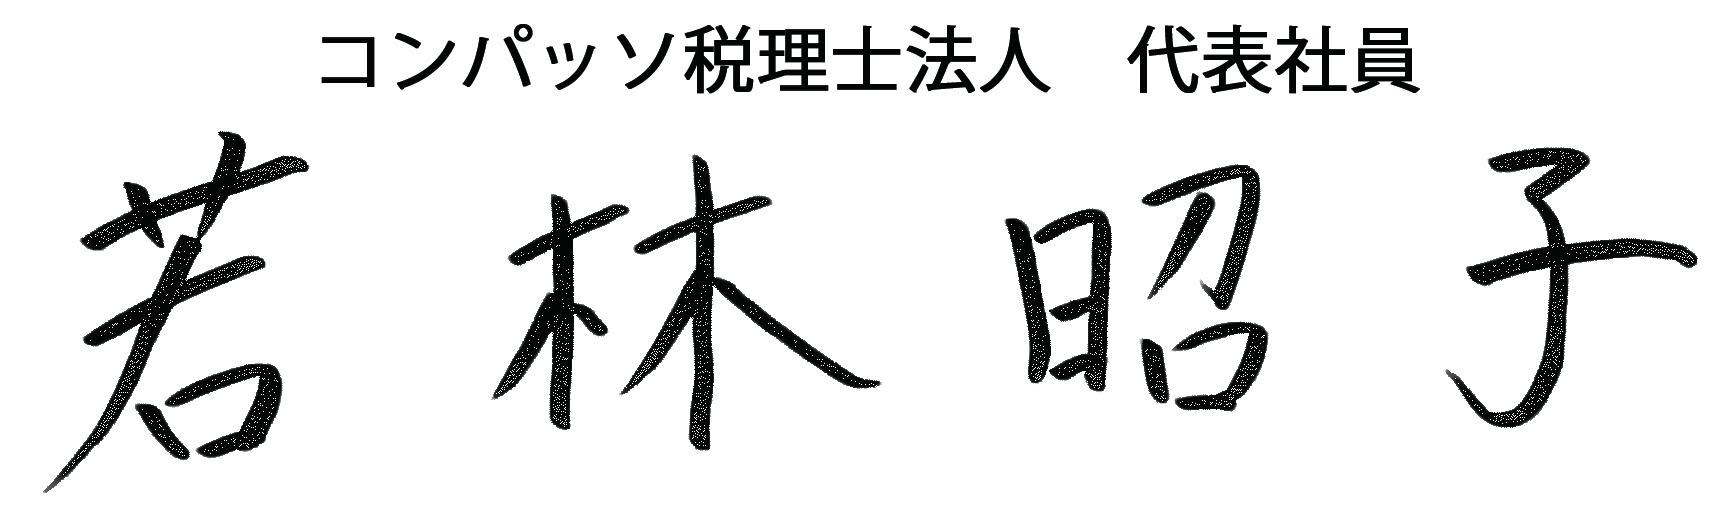 代表社員 社長 若林昭子